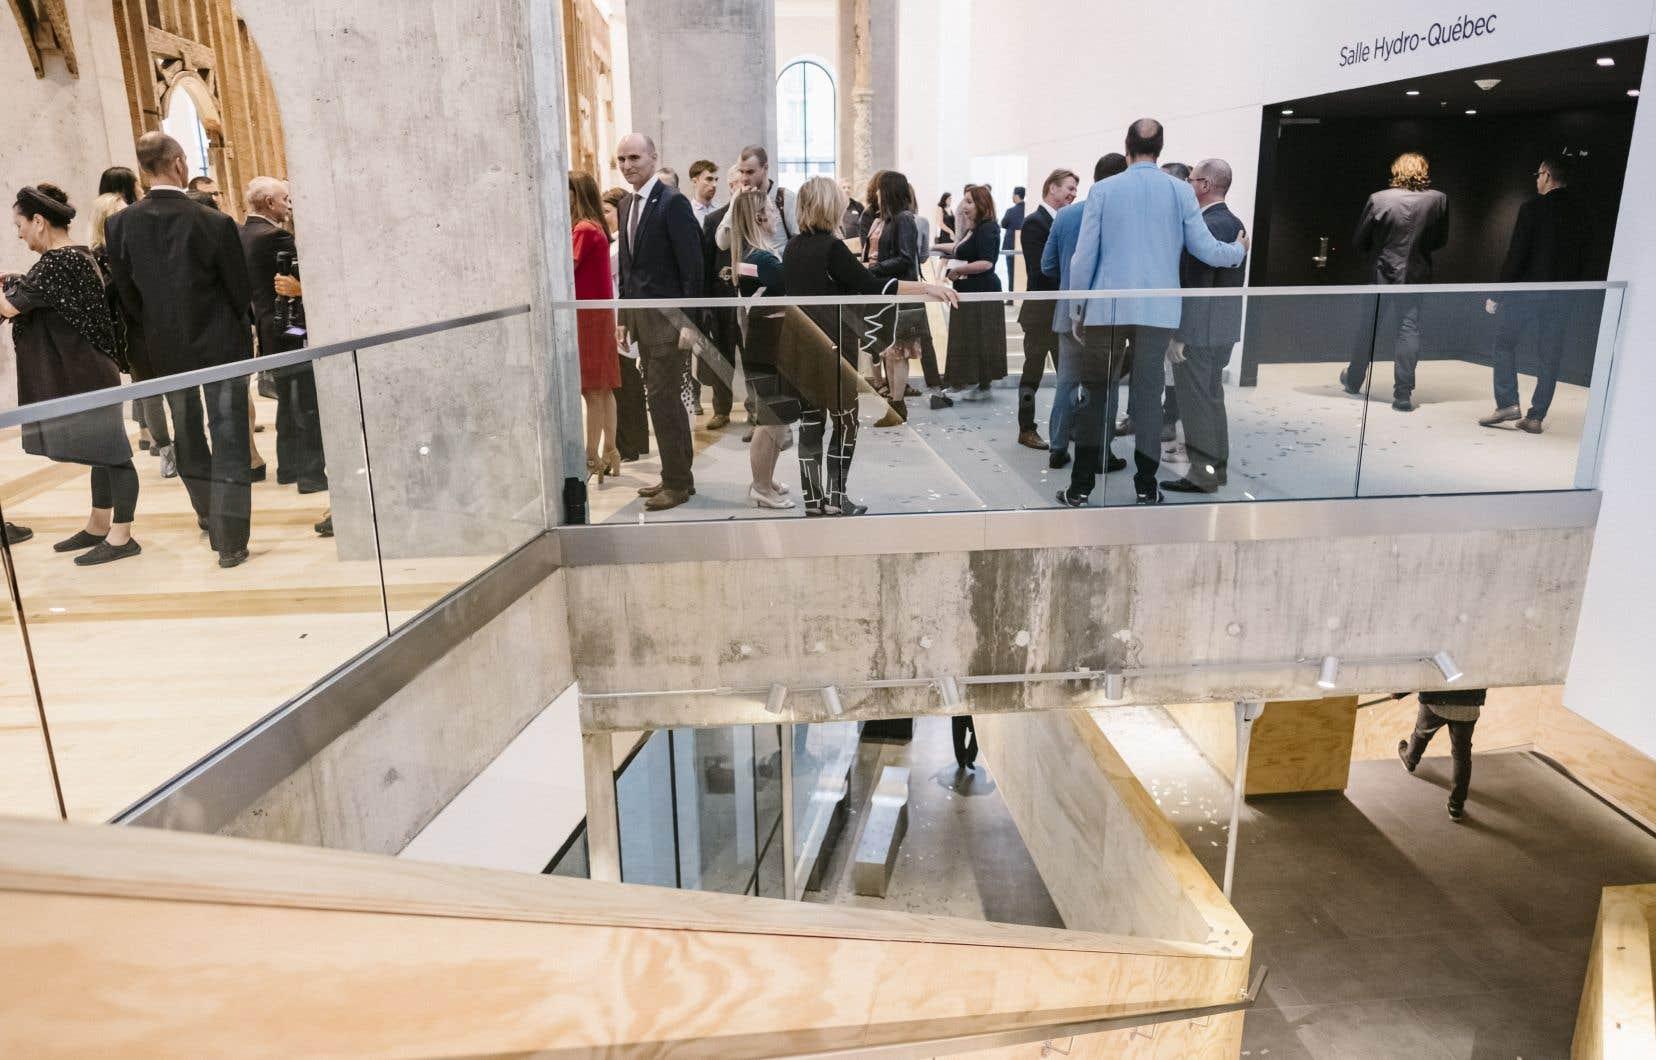 La salle Le Diamant à Québec. Chez les habitués, les propositions artistiques numériques de la pandémieont suscité peu d'intérêt.